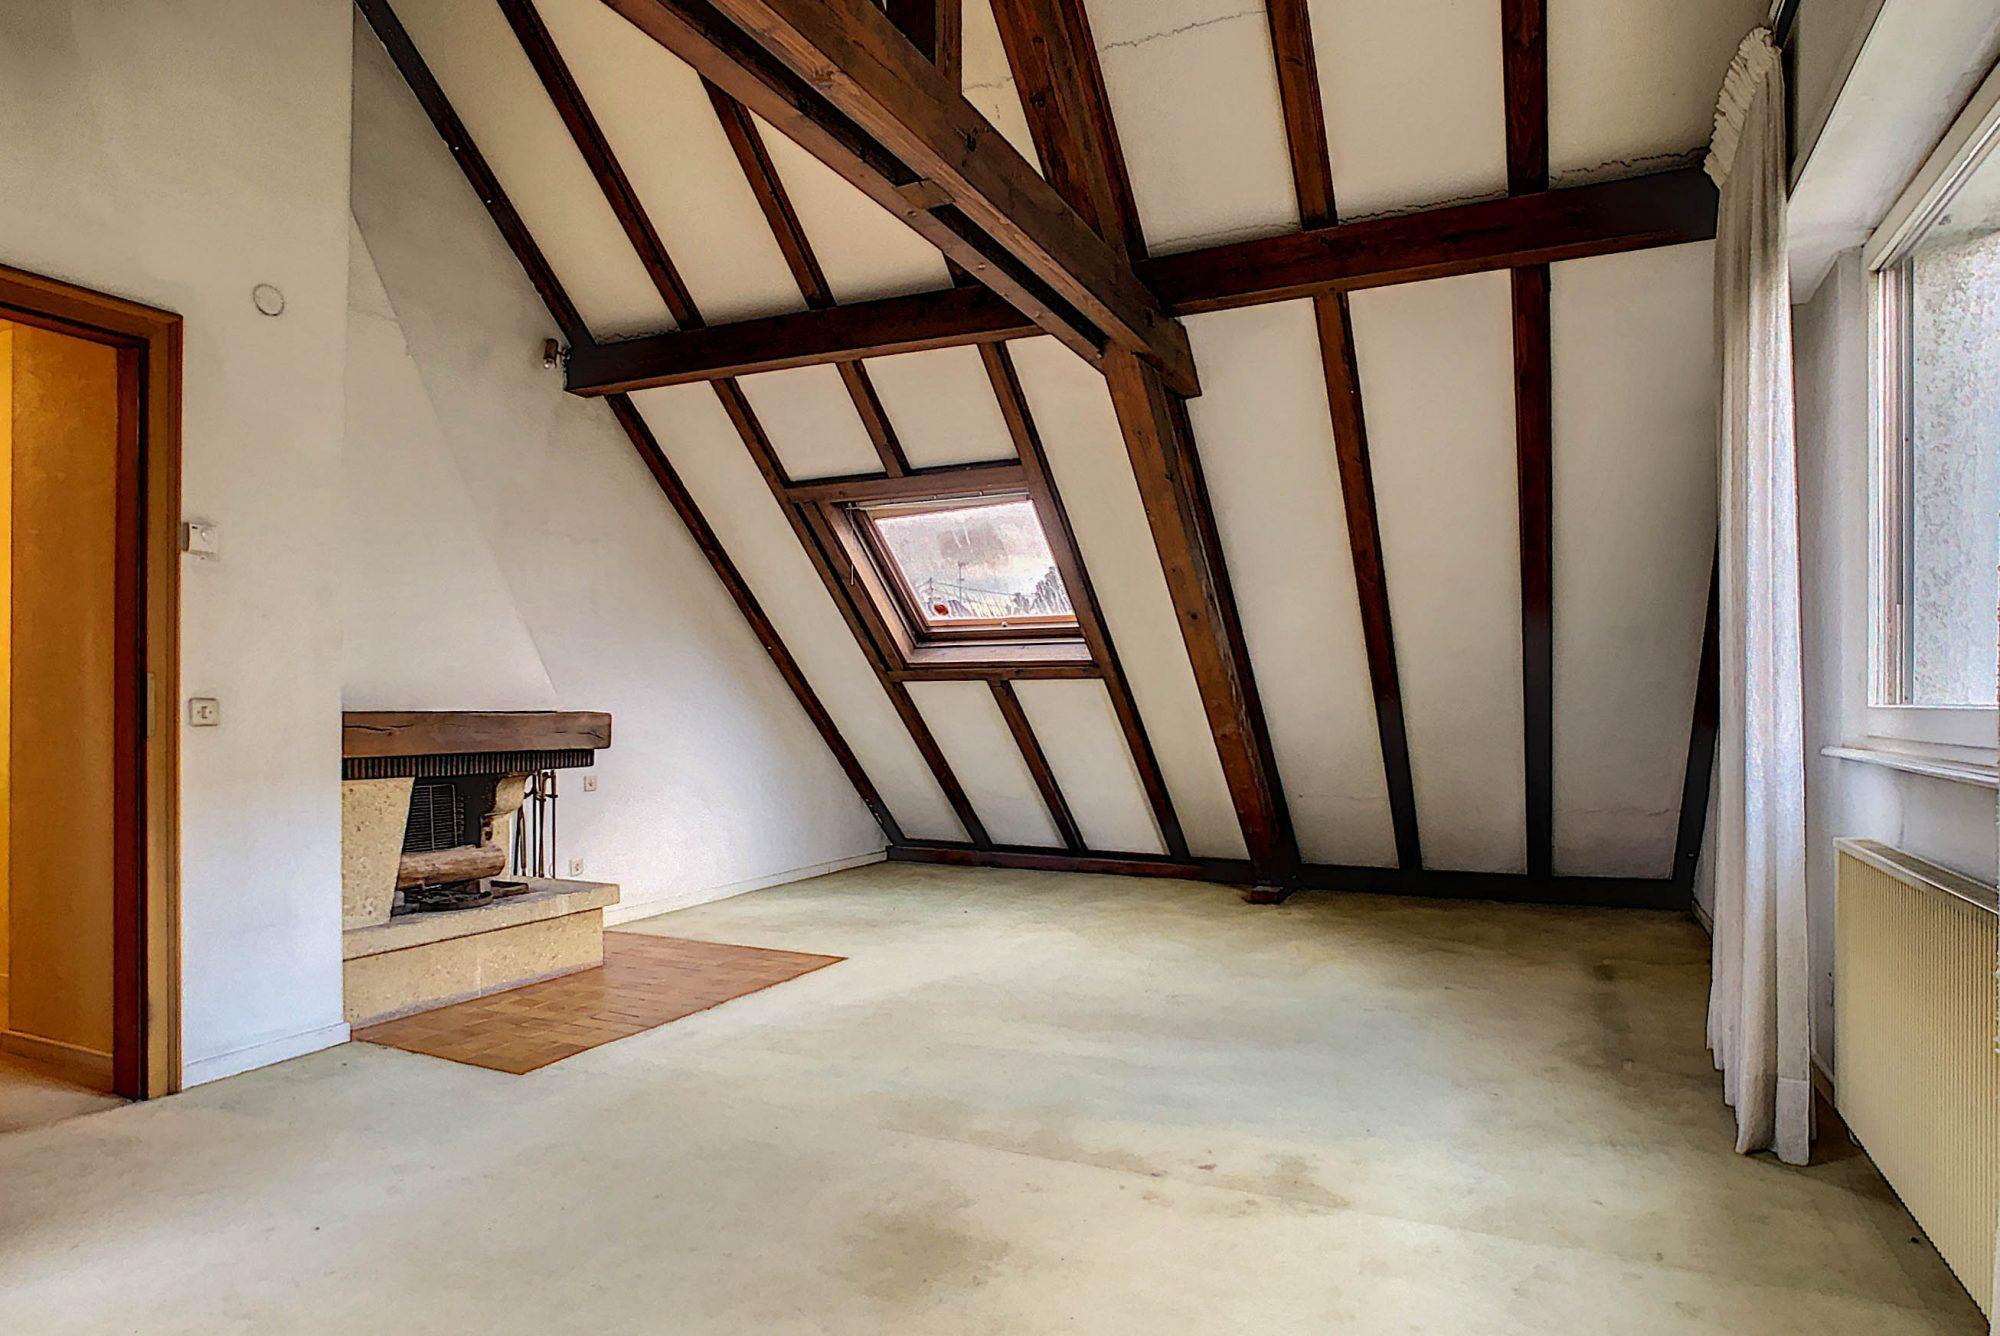 Maison individuelle 8 pièces de 250m2 à Illkirch-Graffenstaden - Devenez propriétaire en toute confiance - Bintz Immobilier - 15